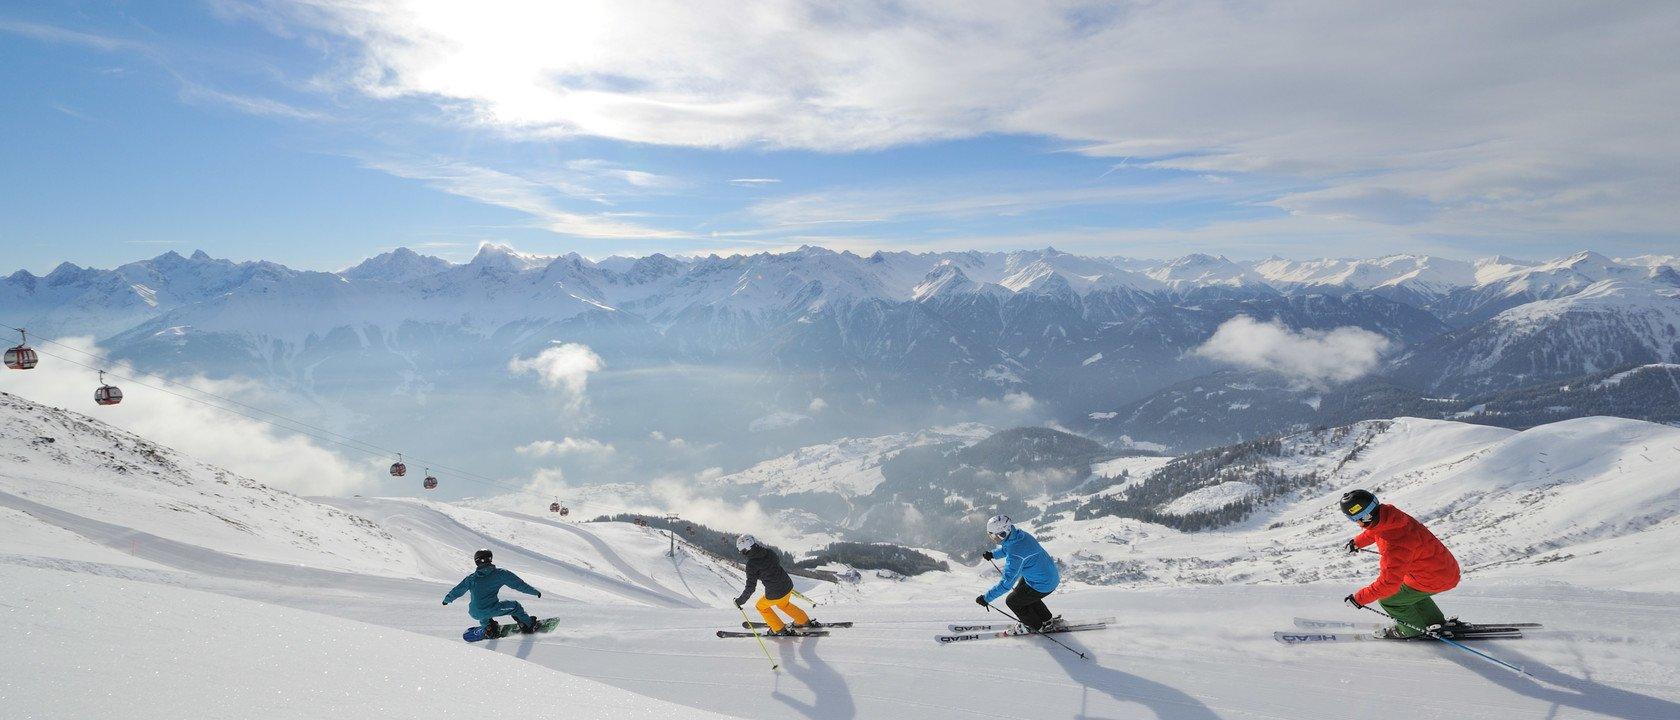 Image result for best ski resort website